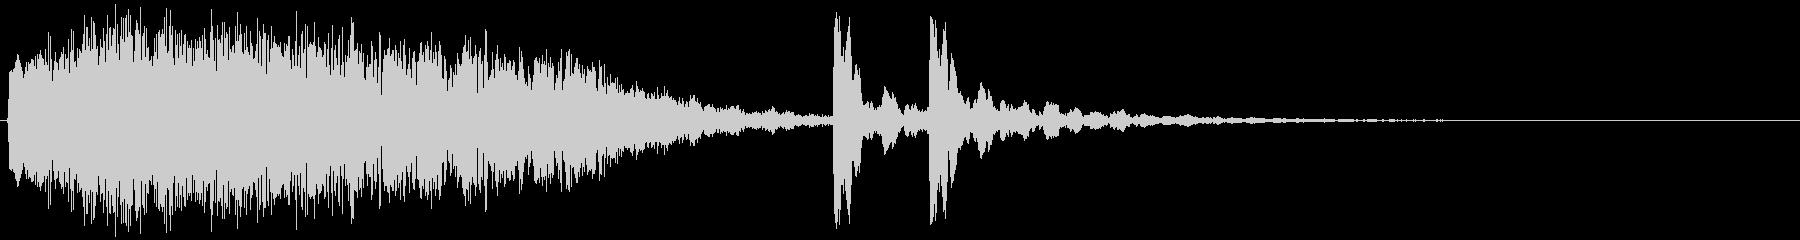 5,宇宙&和風サウンドロゴ (3秒ロゴ)の未再生の波形